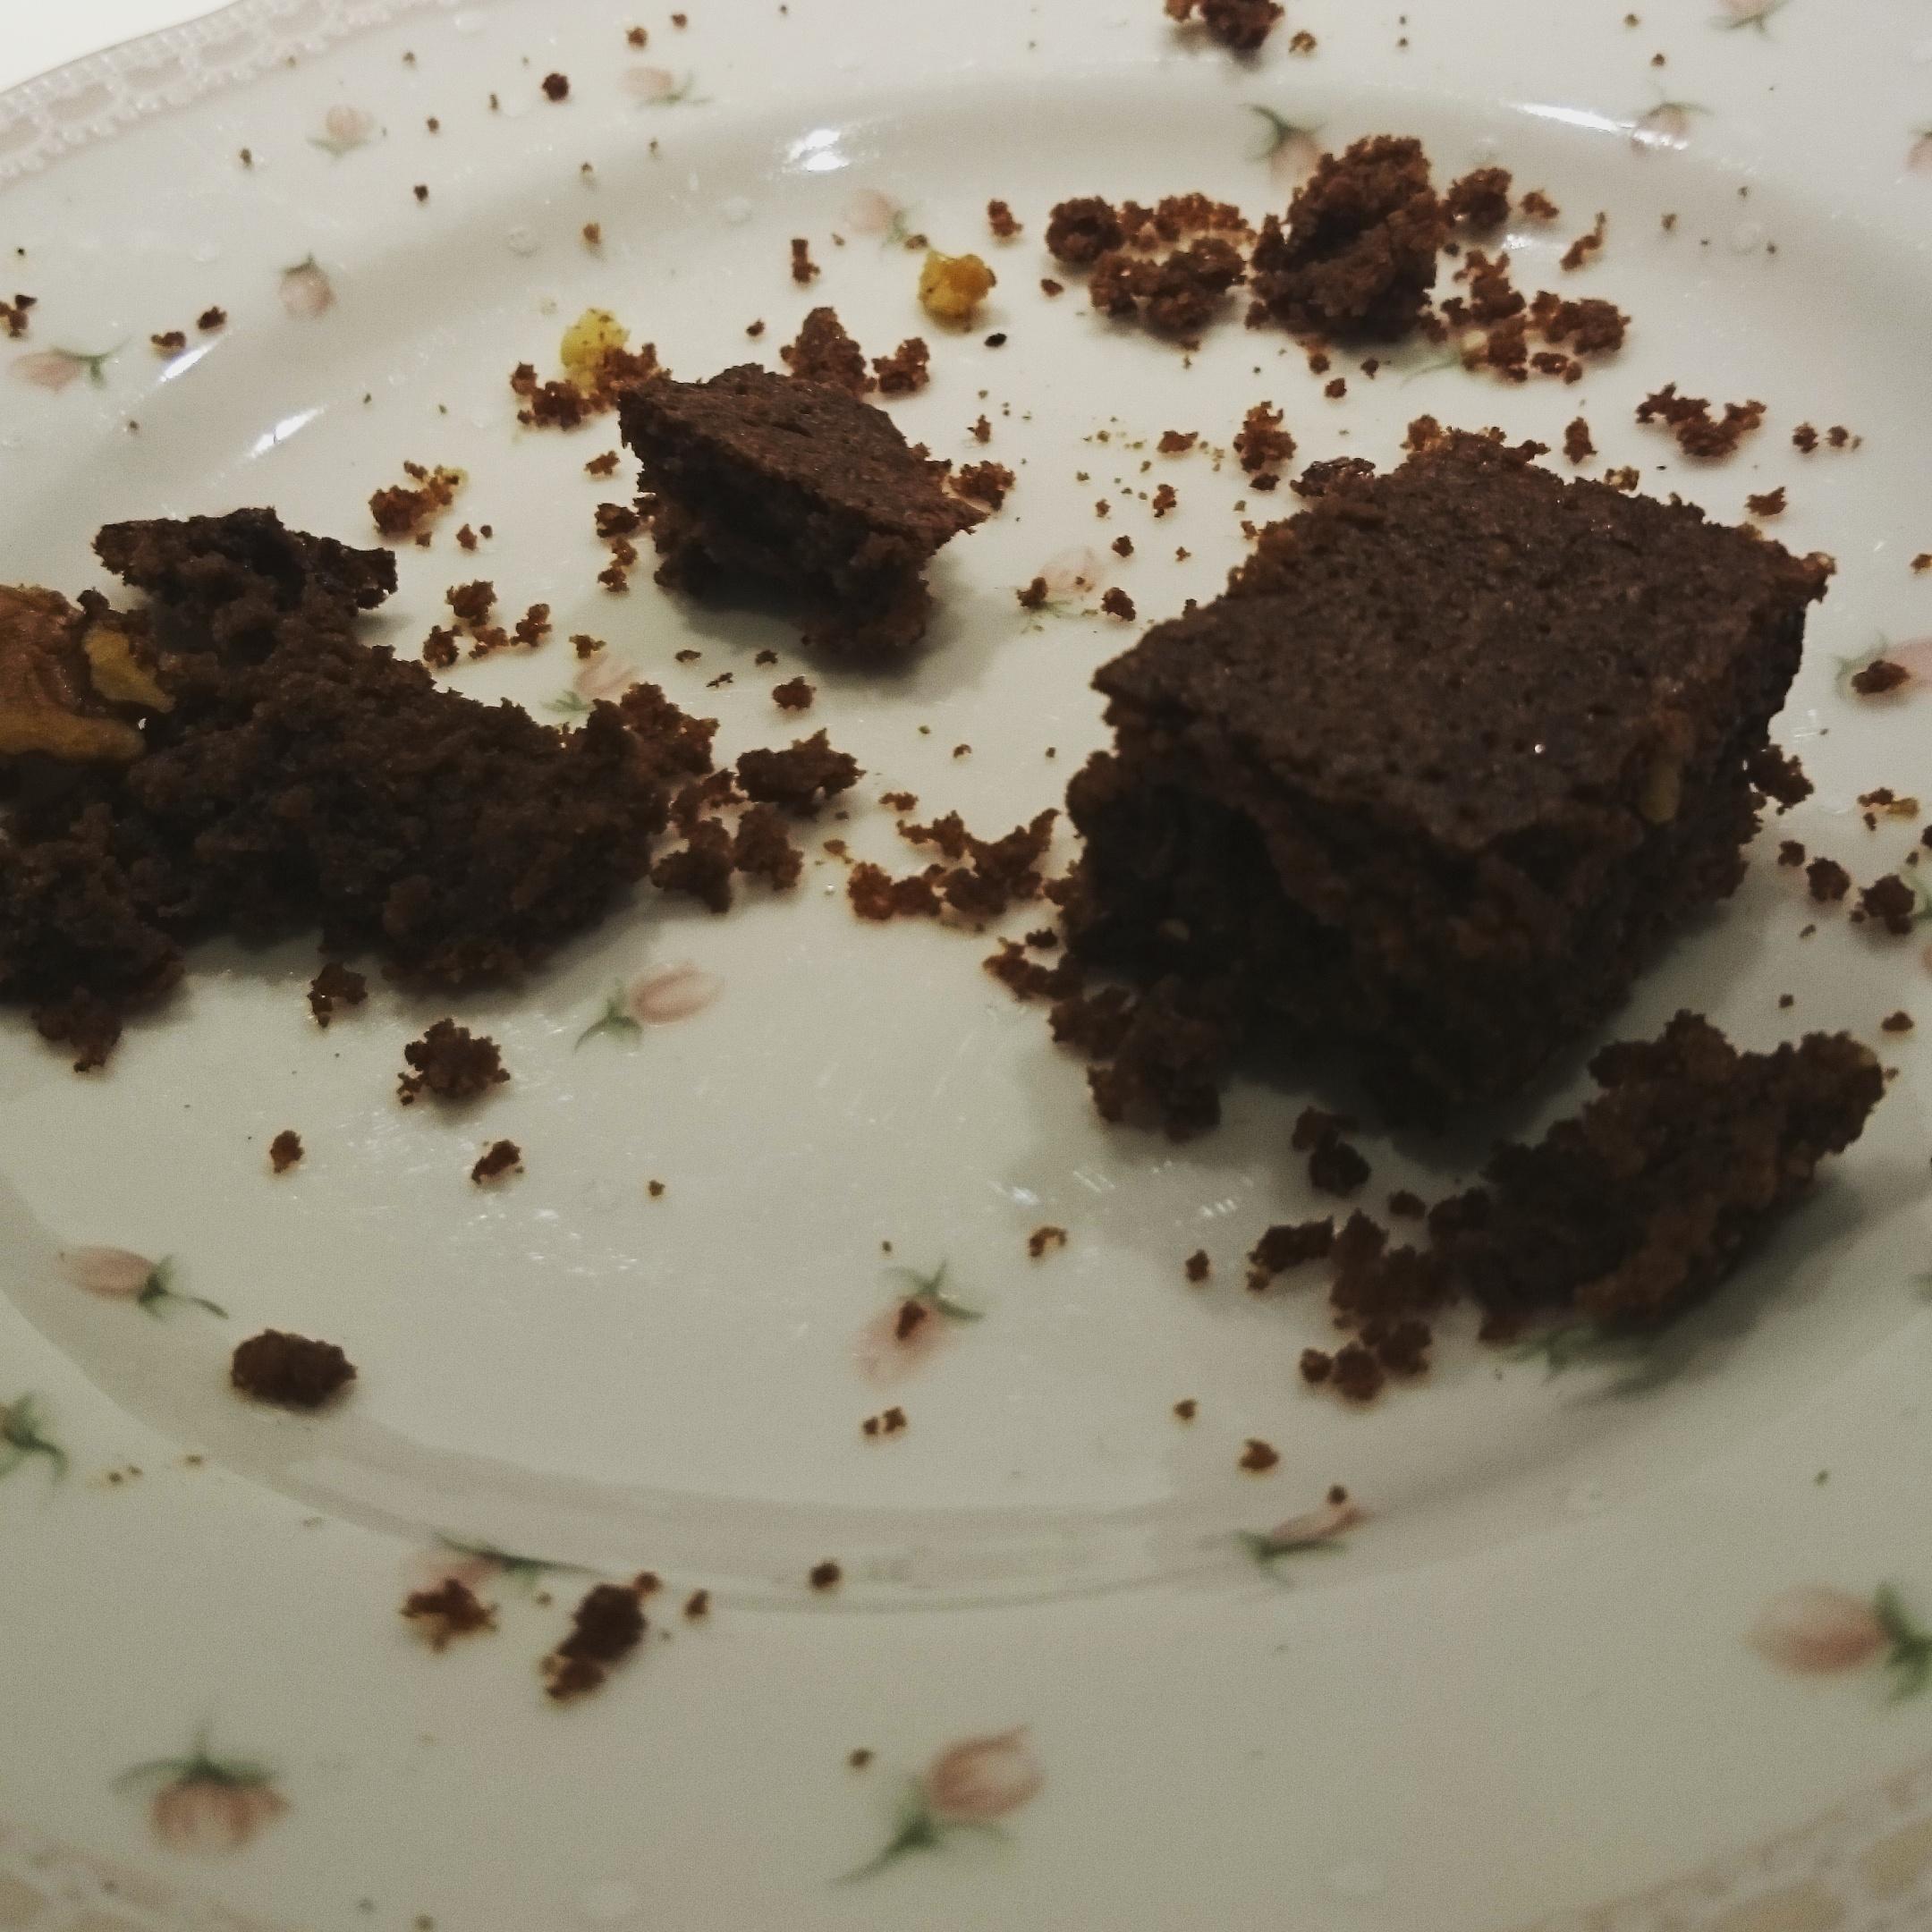 Kake som vi fikk servert på Open Port festival hos Inger Anita. Baket av Helene. Den smakte helt nydelig og det ble både ett og to, tre stykker. :-) Nam!